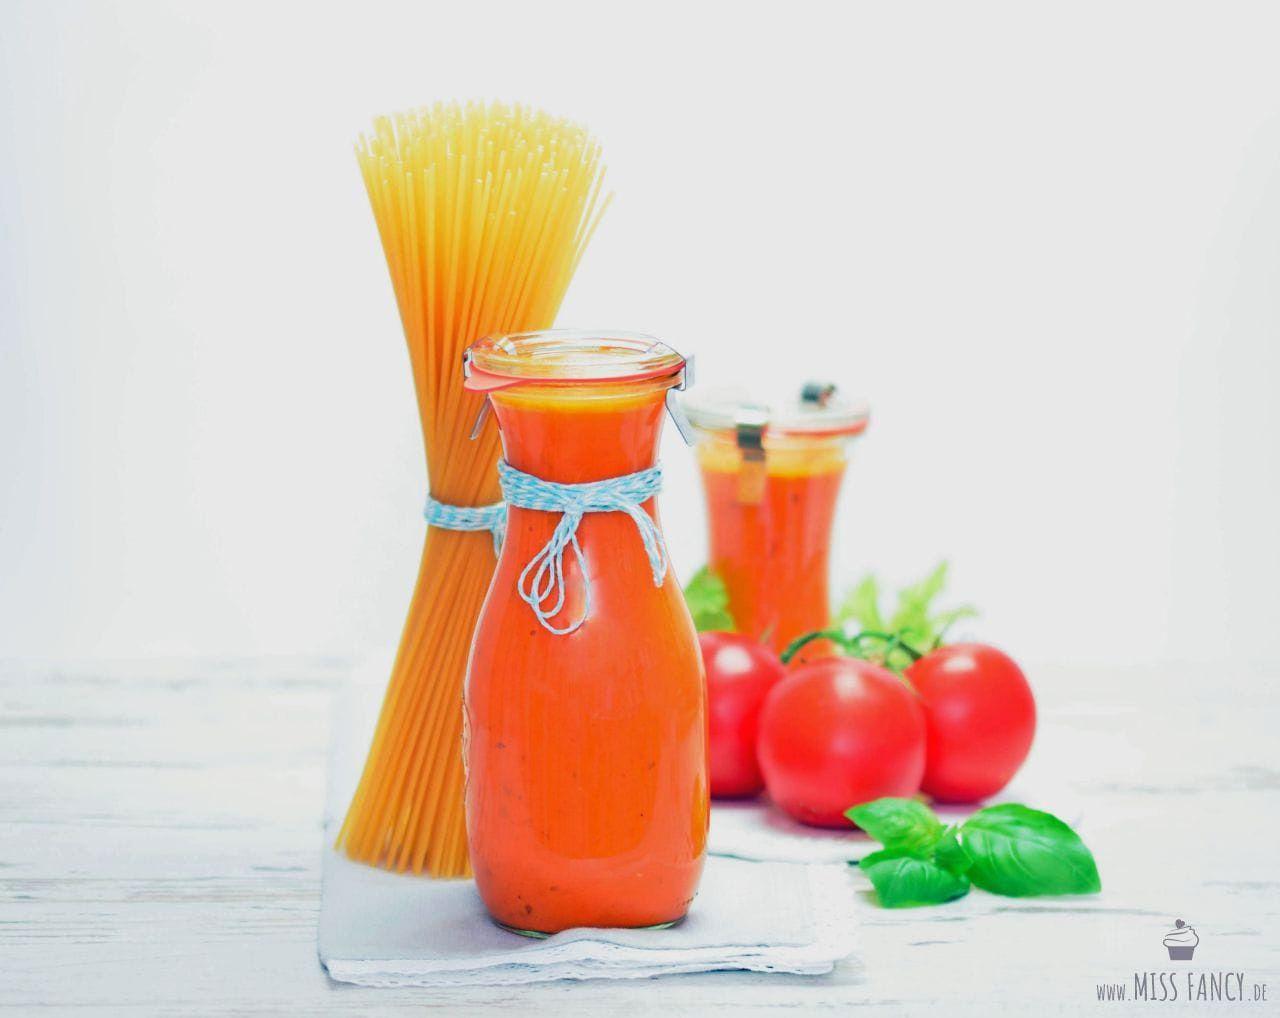 Selbstgemachte frische Tomatensoße mein Grundrezept missfancy